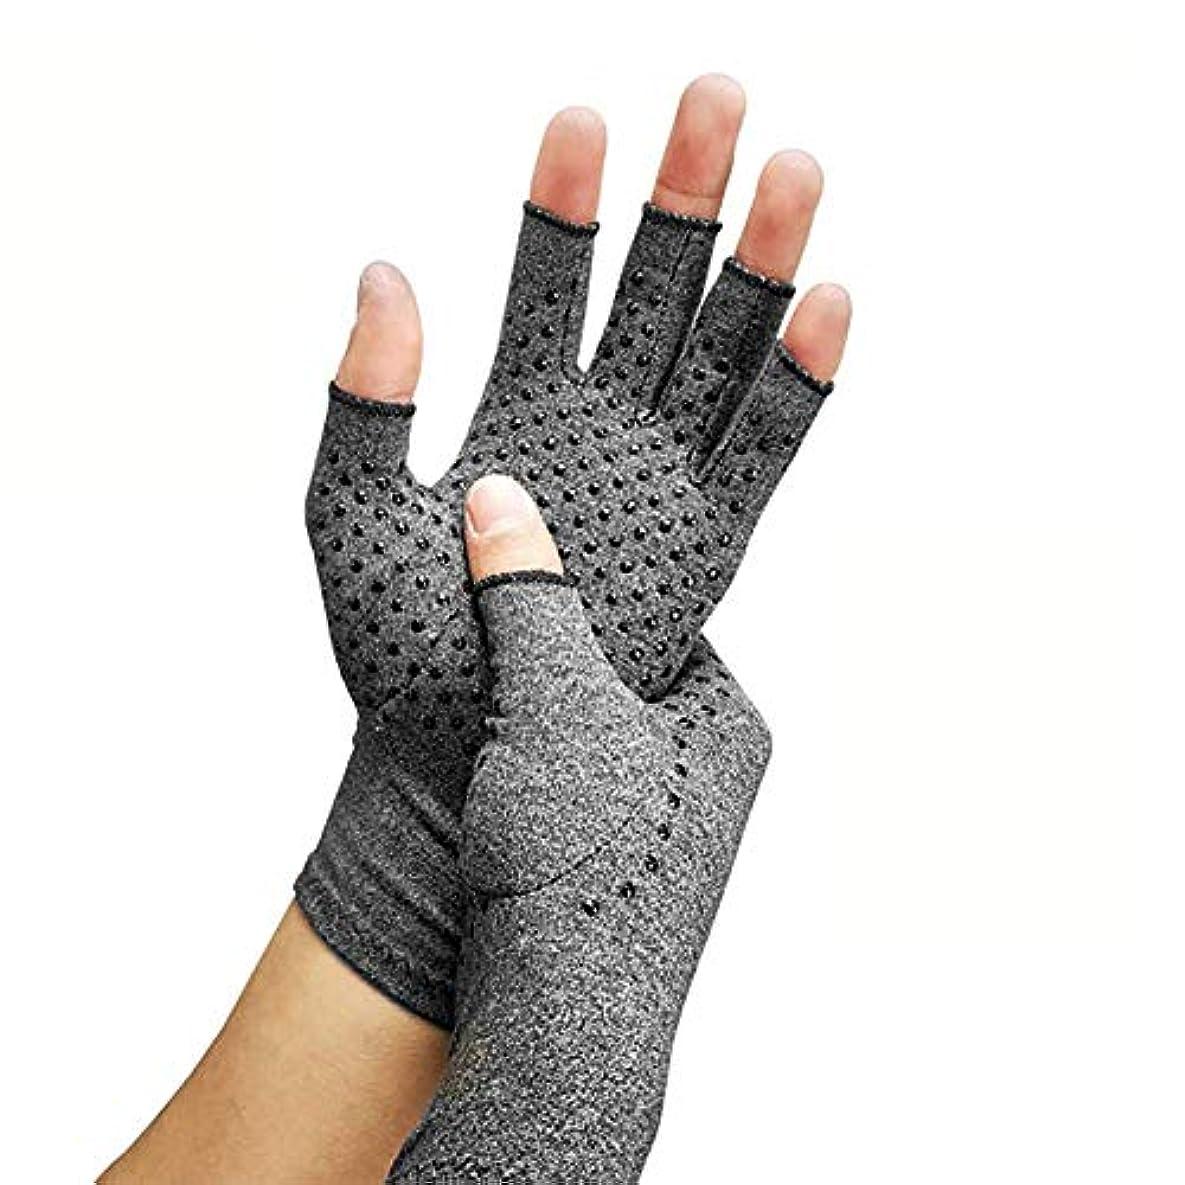 冷淡なうねる芽圧縮関節炎手袋、関節リウマチおよび変形性関節症用の指なし手手袋-関節痛および心皮トンネルのリリーフ-男性および女性